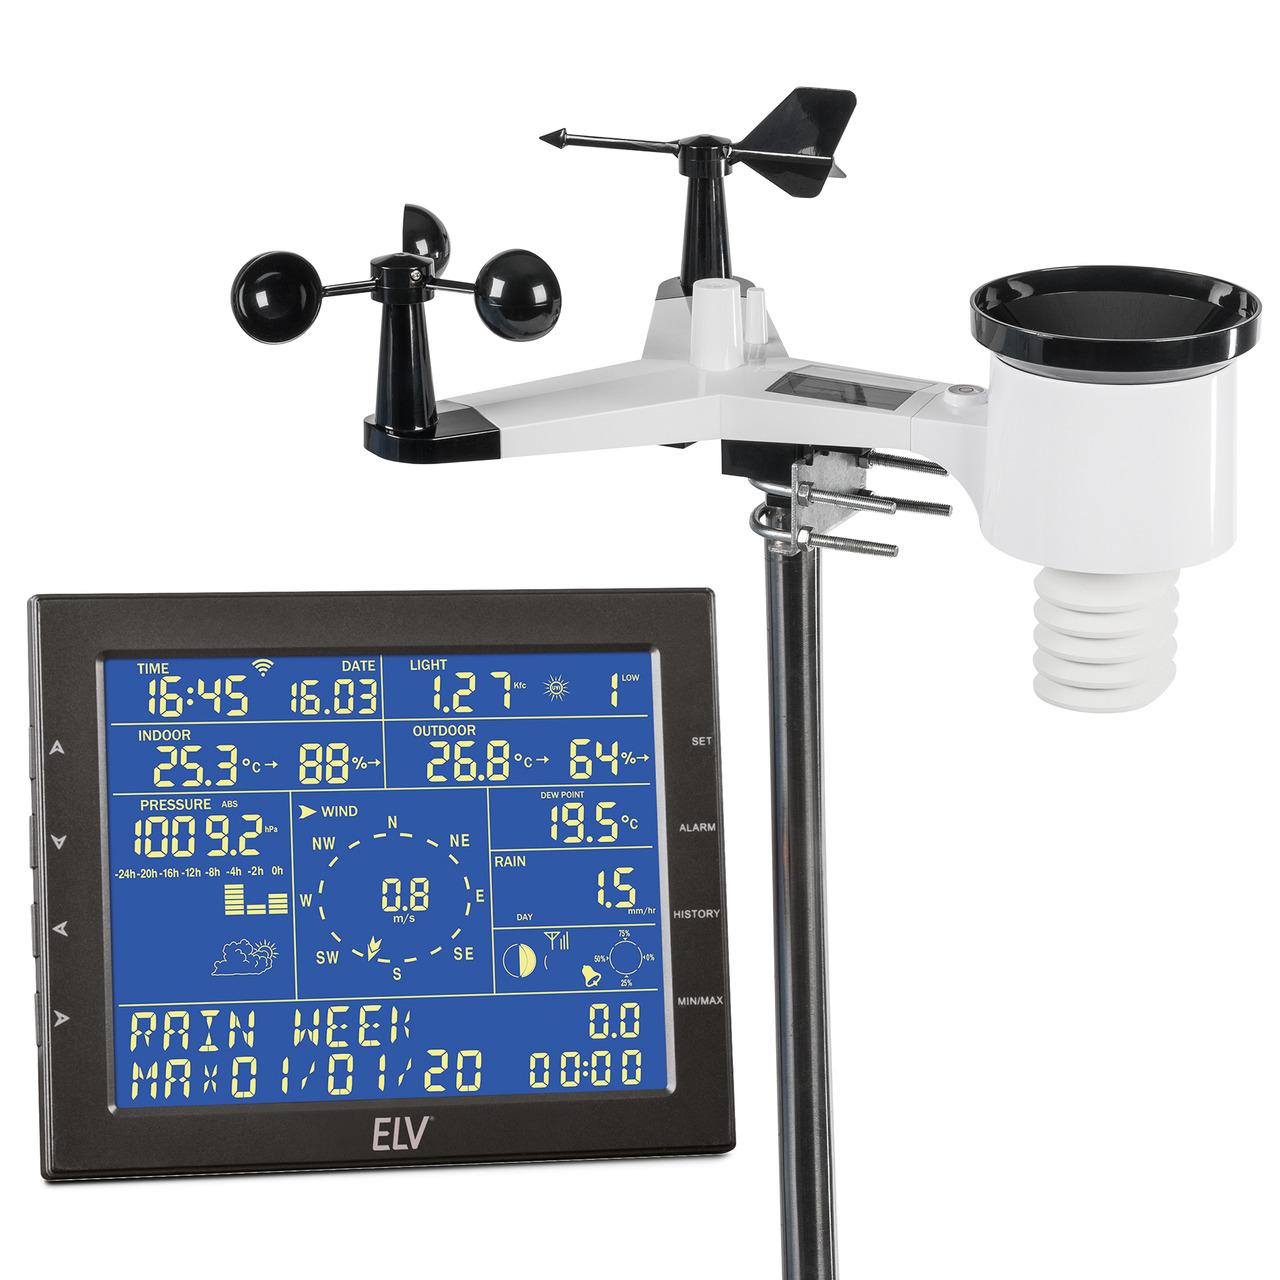 ELV WiFi-Wetterstation WS980WiFi- inkl- Funk-Aussensensor (868 MHz)- App- PC-Auswertesoftware